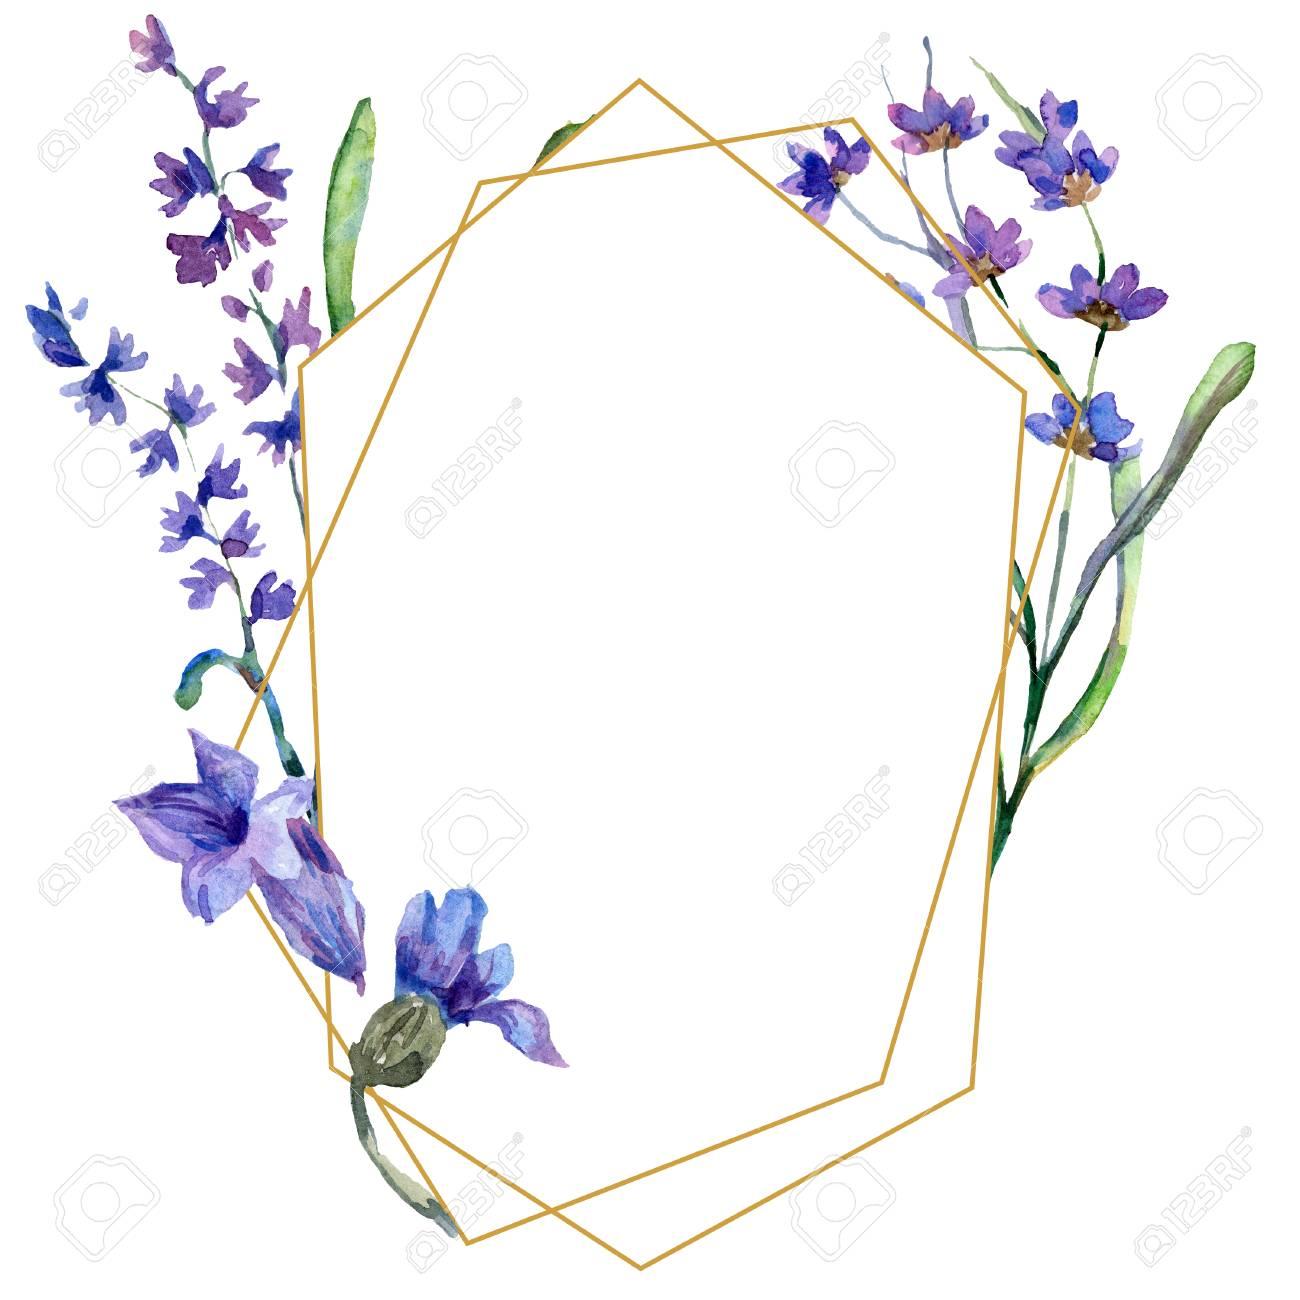 Purple lavender. Floral botanical flower. Watercolor background illustration set. Frame border ornament. Gold crystal stone polyhedron mosaic shape amethyst gem. - 113293255